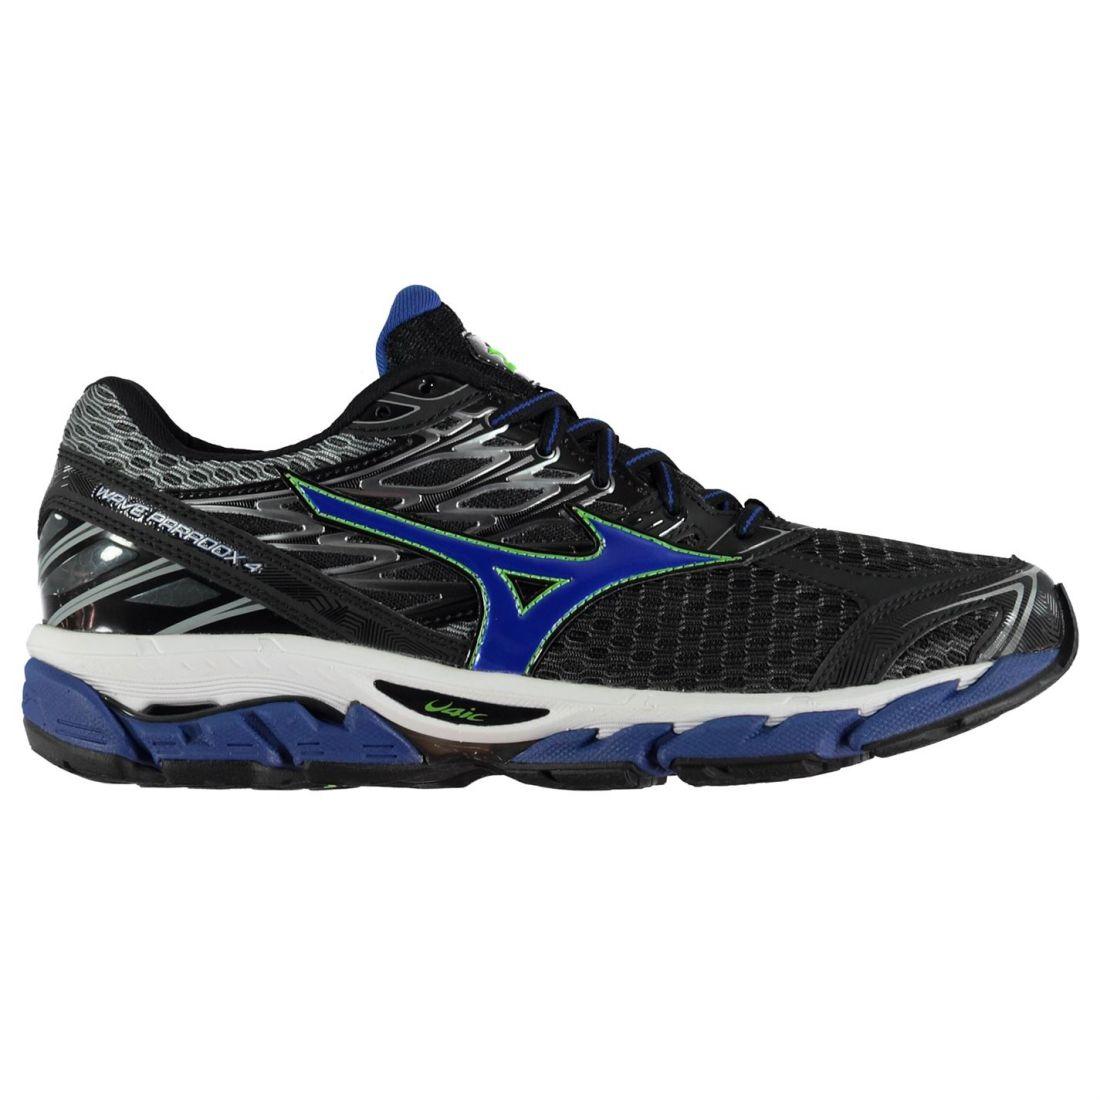 Mizuno Mens Paradox 4 Running shoes Road